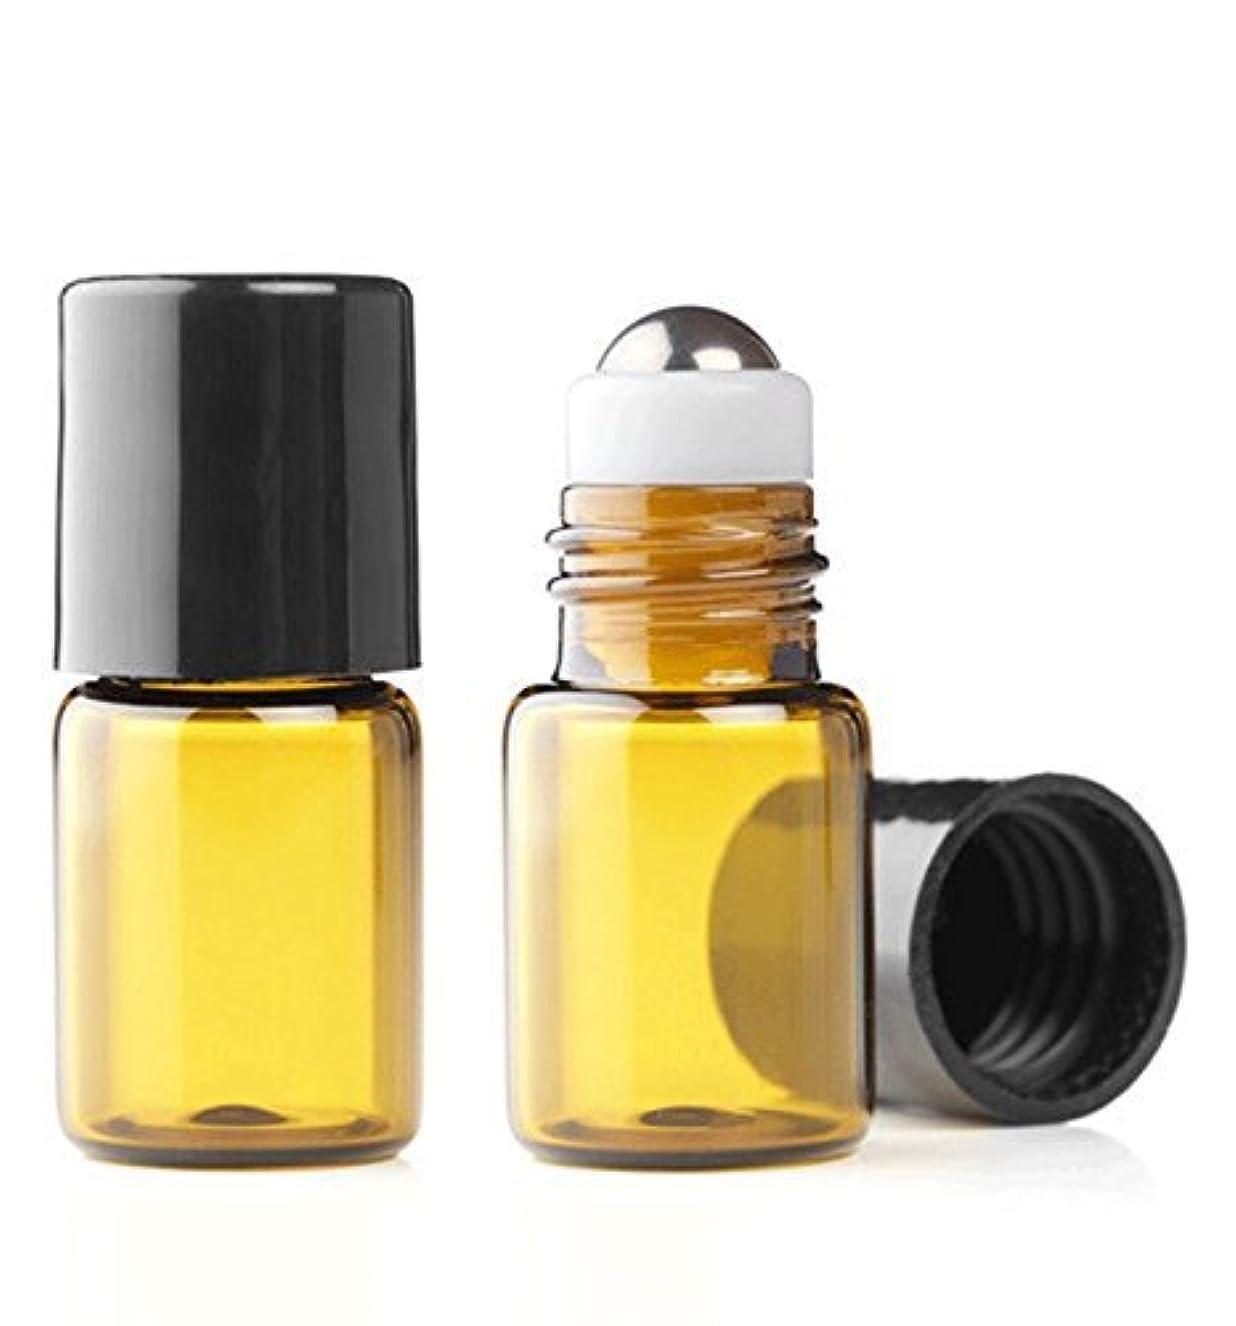 バナー多数のキャッチGrand Parfums Empty 2ml Amber Glass Micro Mini Rollon Dram Glass Bottles with Metal Roller Balls - Refillable...